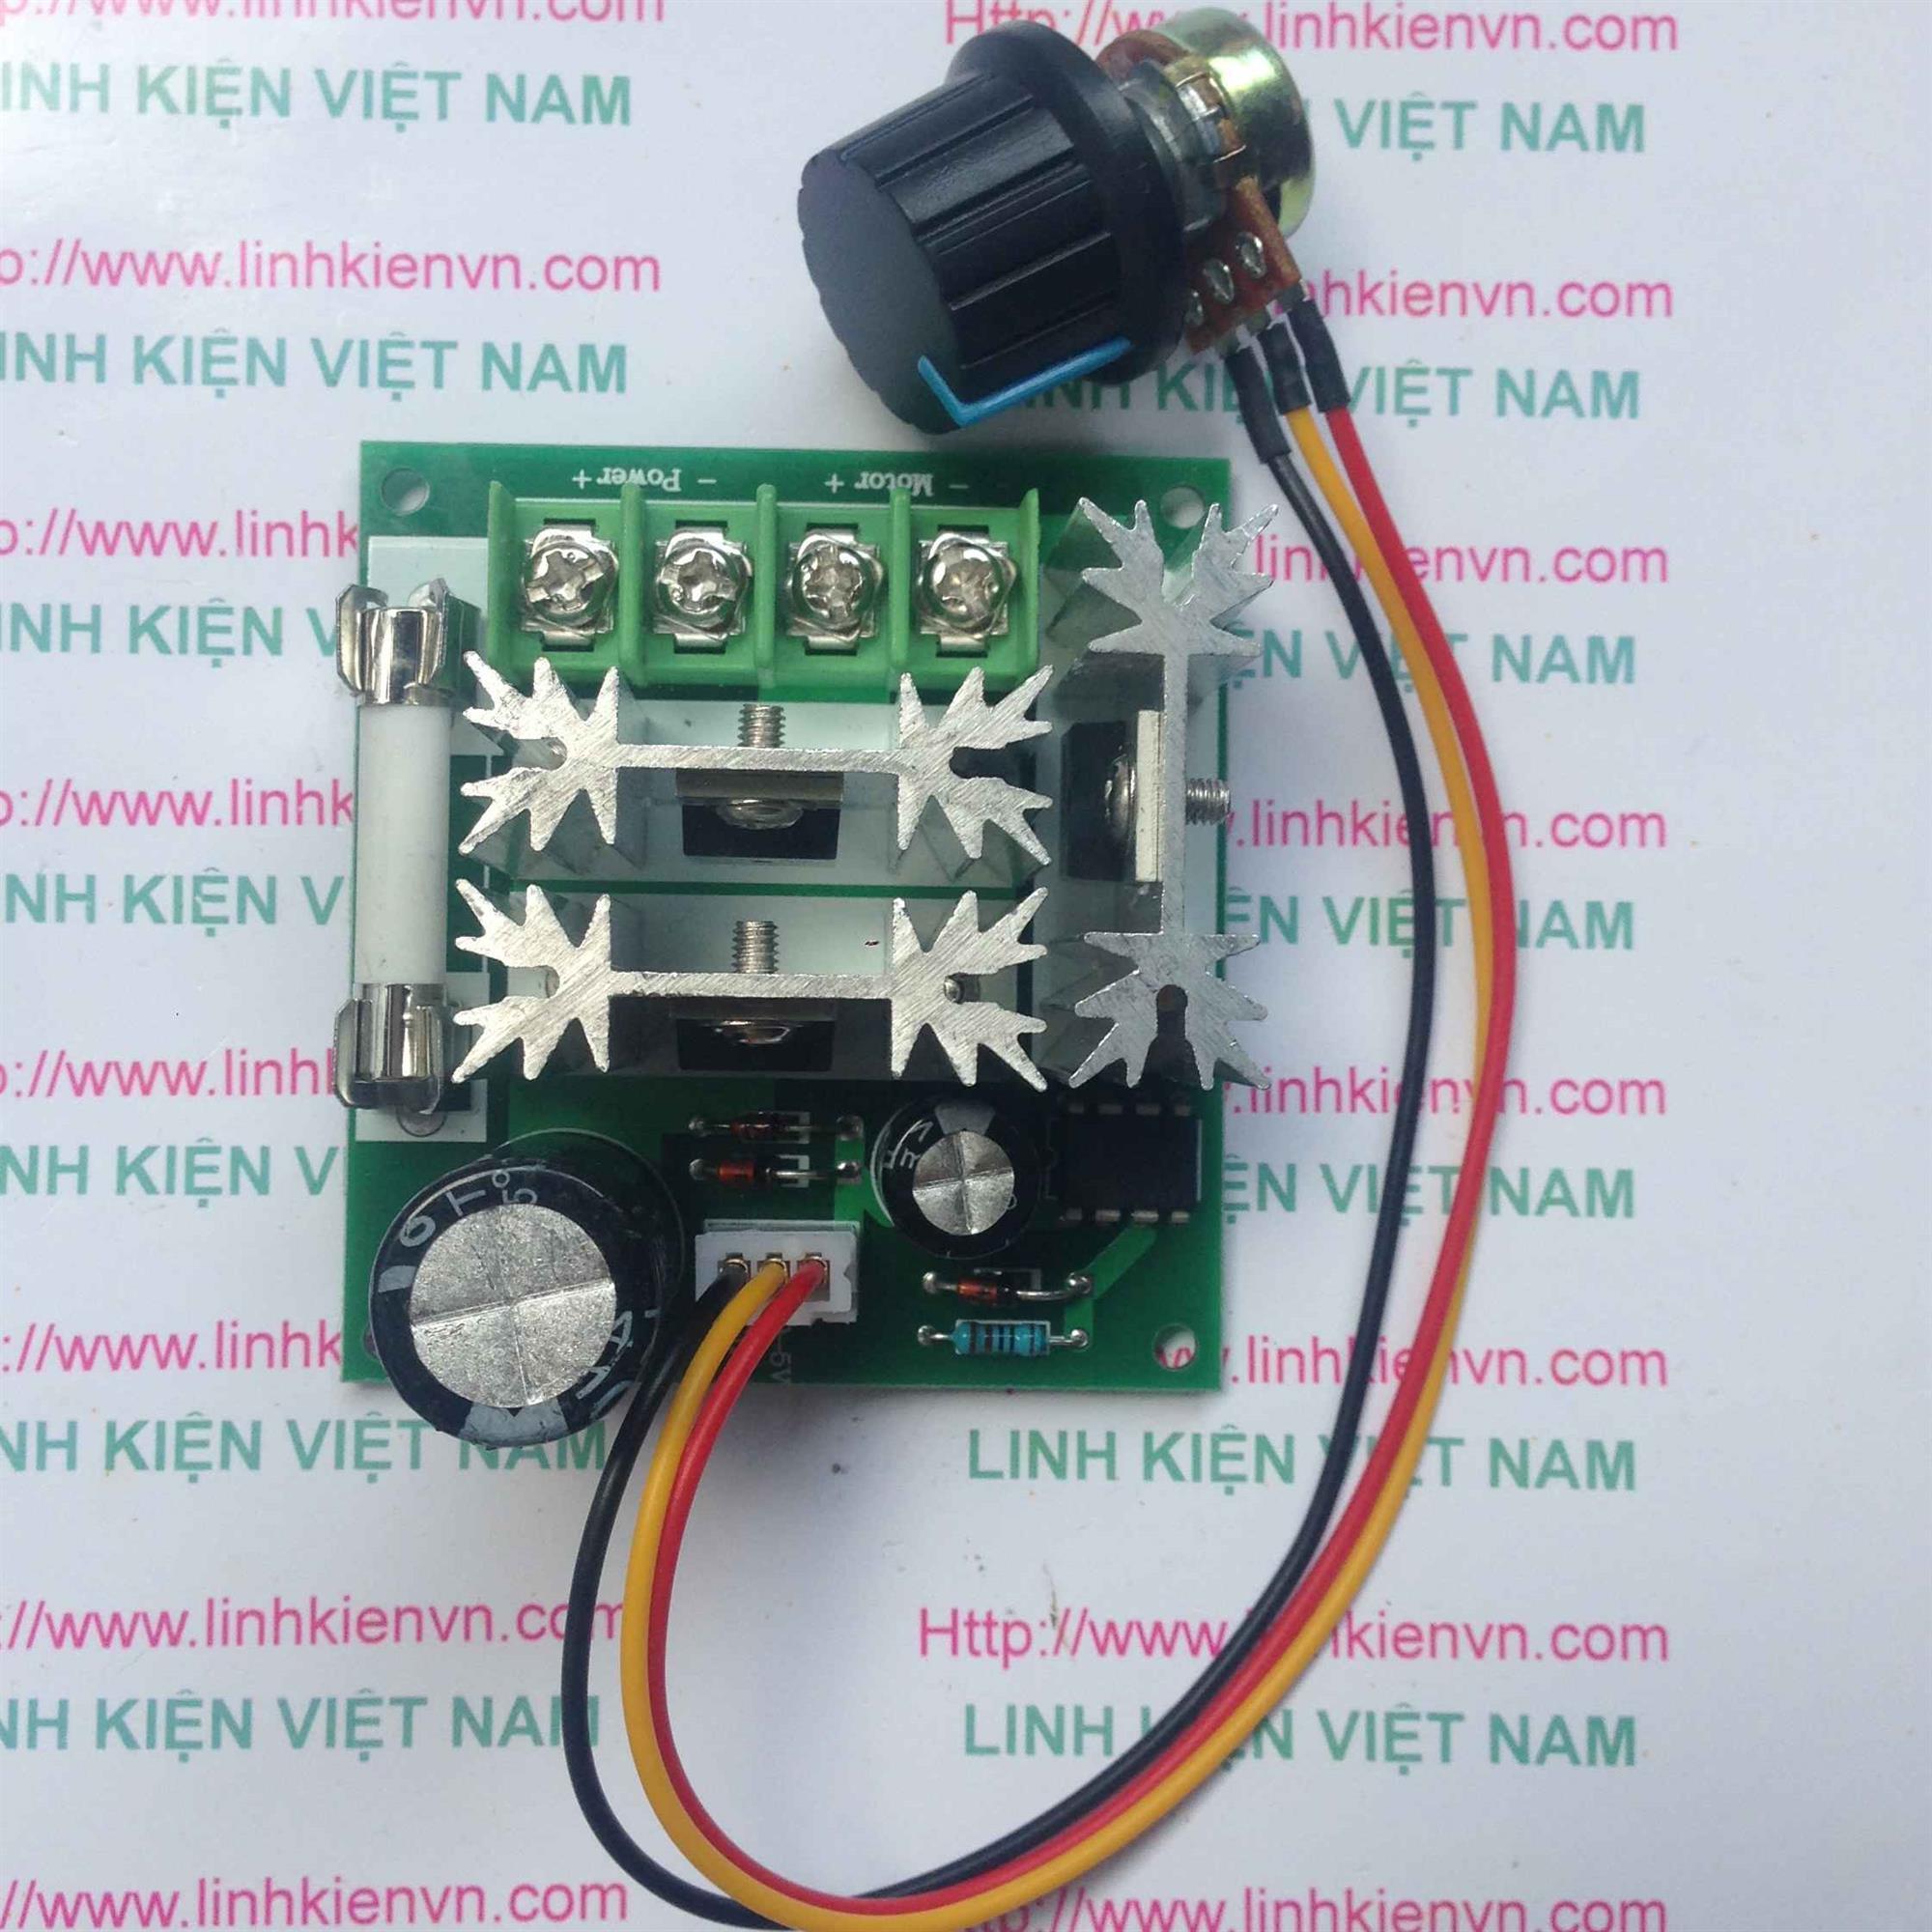 Module điều khiển tốc độ động cơ PWM 6-90V 15A / bộ điều khiển tốc độ động cơ DC - G1H9